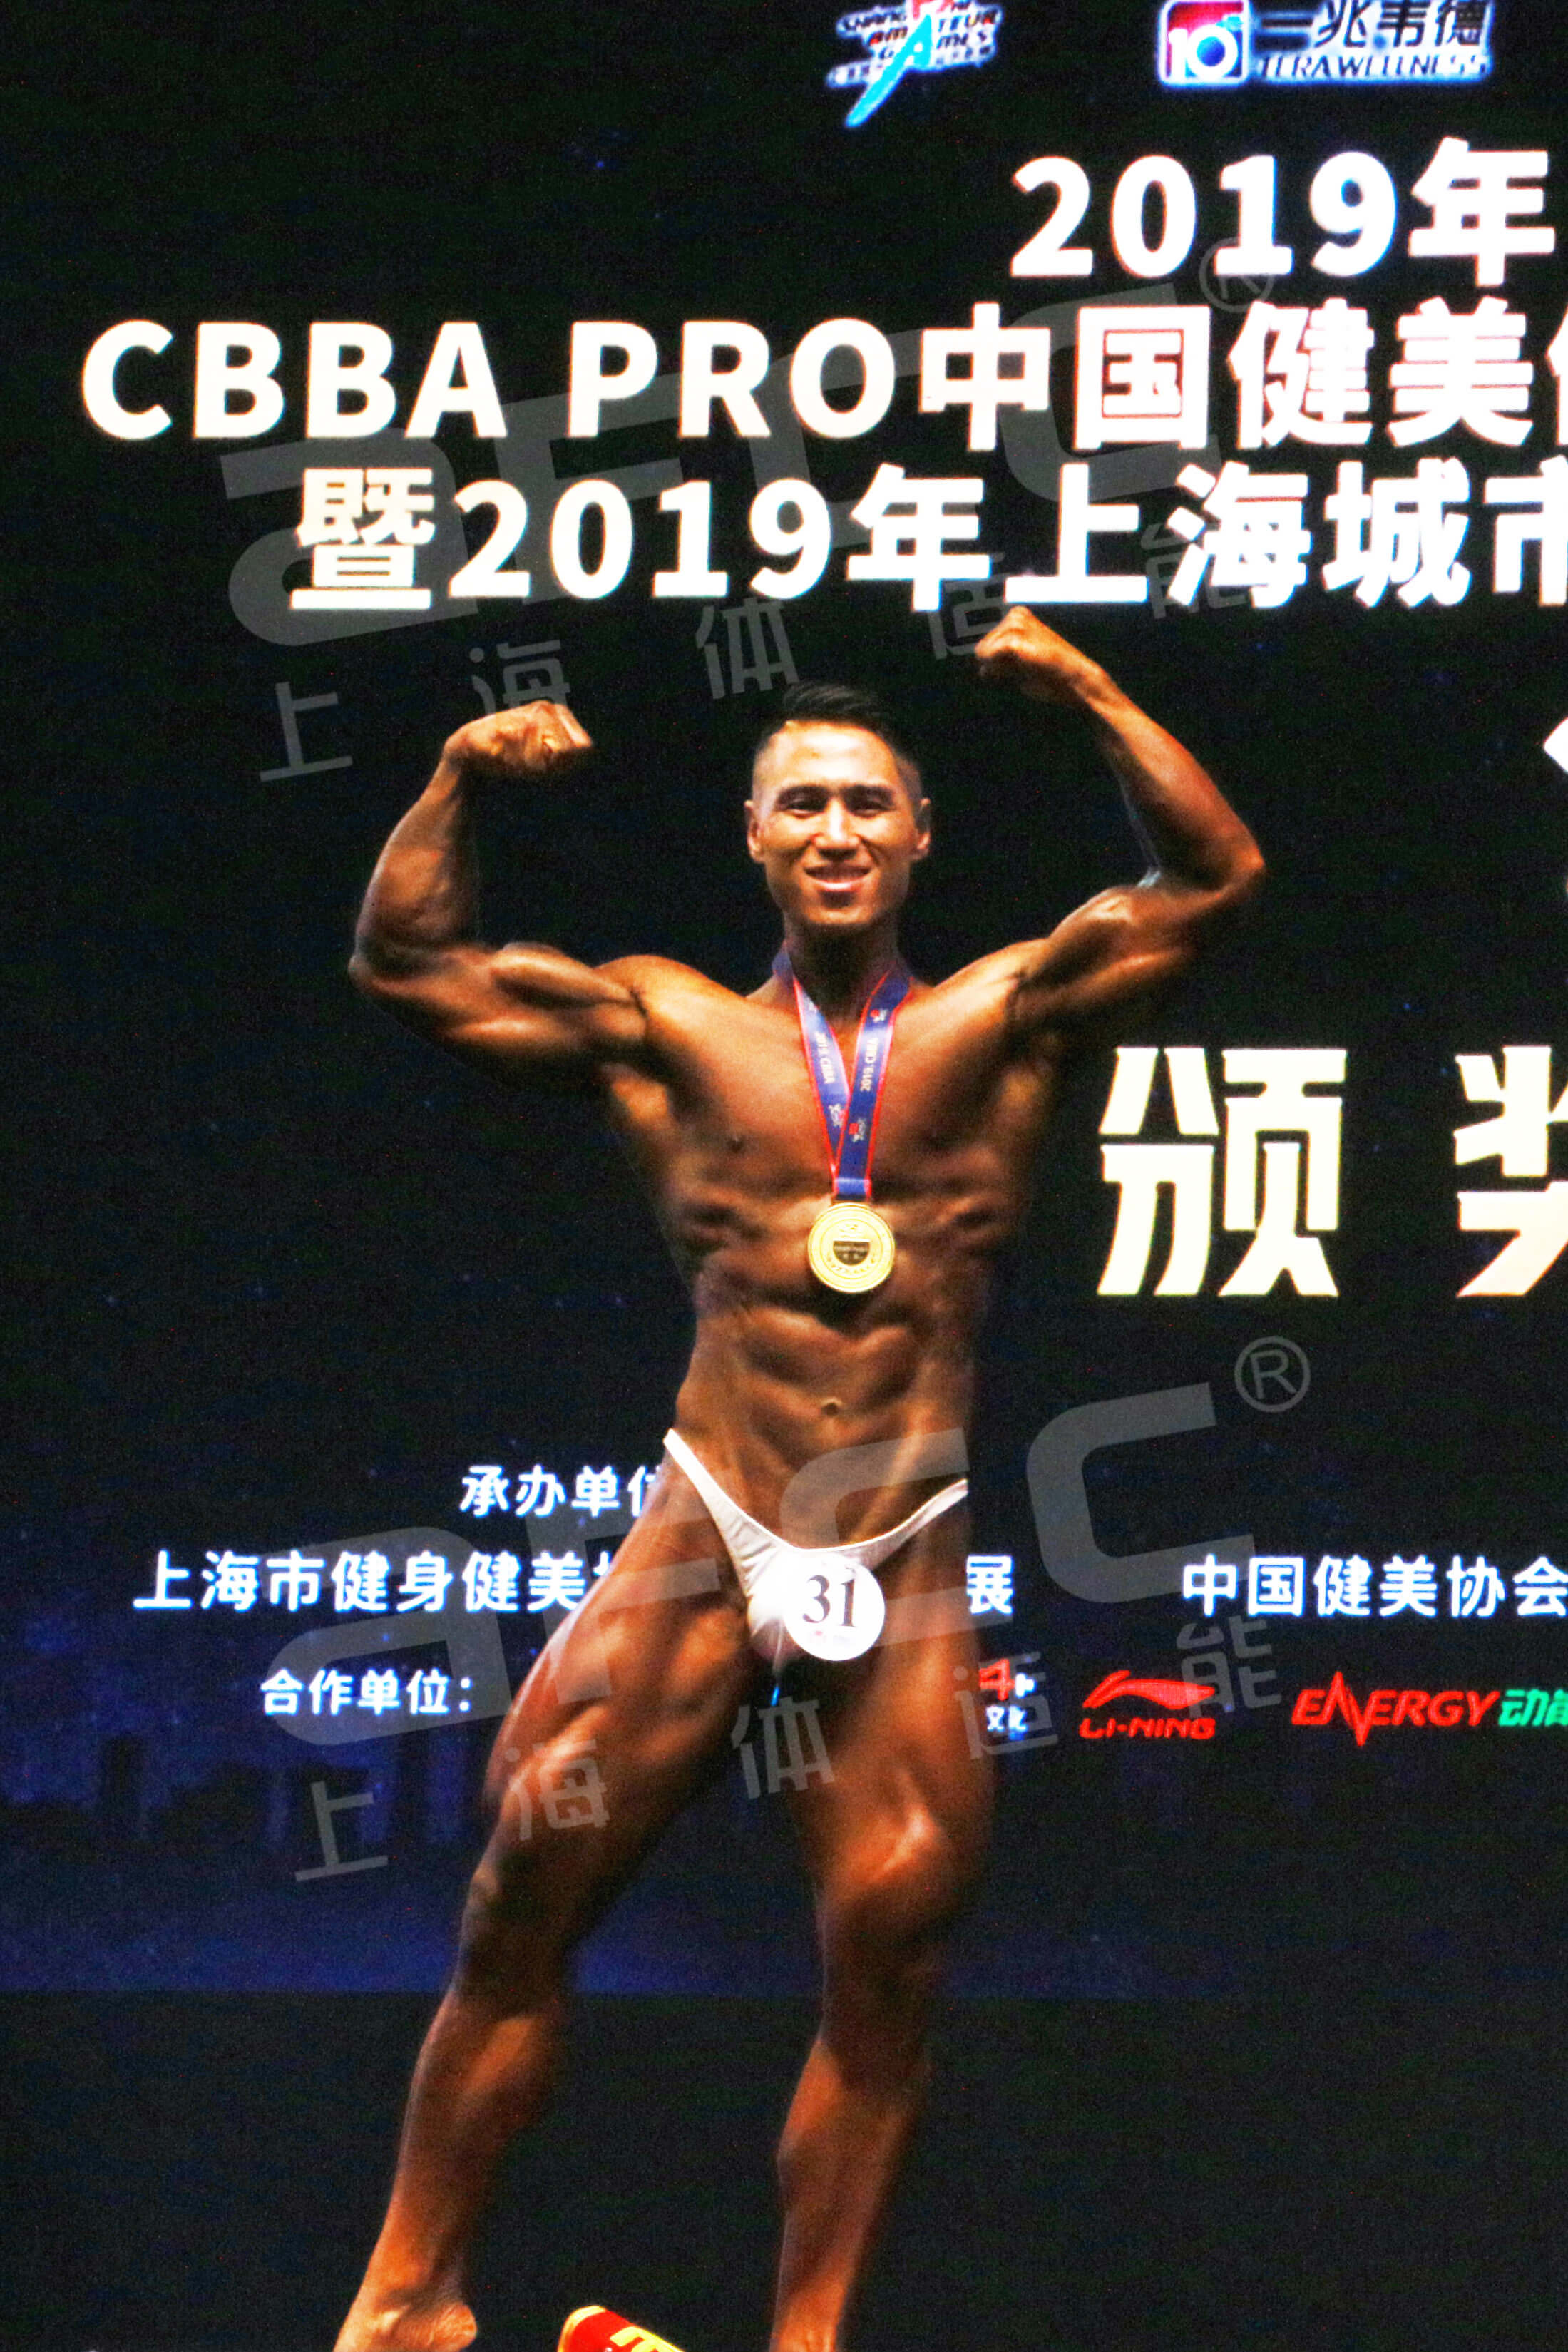 让我们一起祝贺上海健身健美协会体适能健身学院代表队